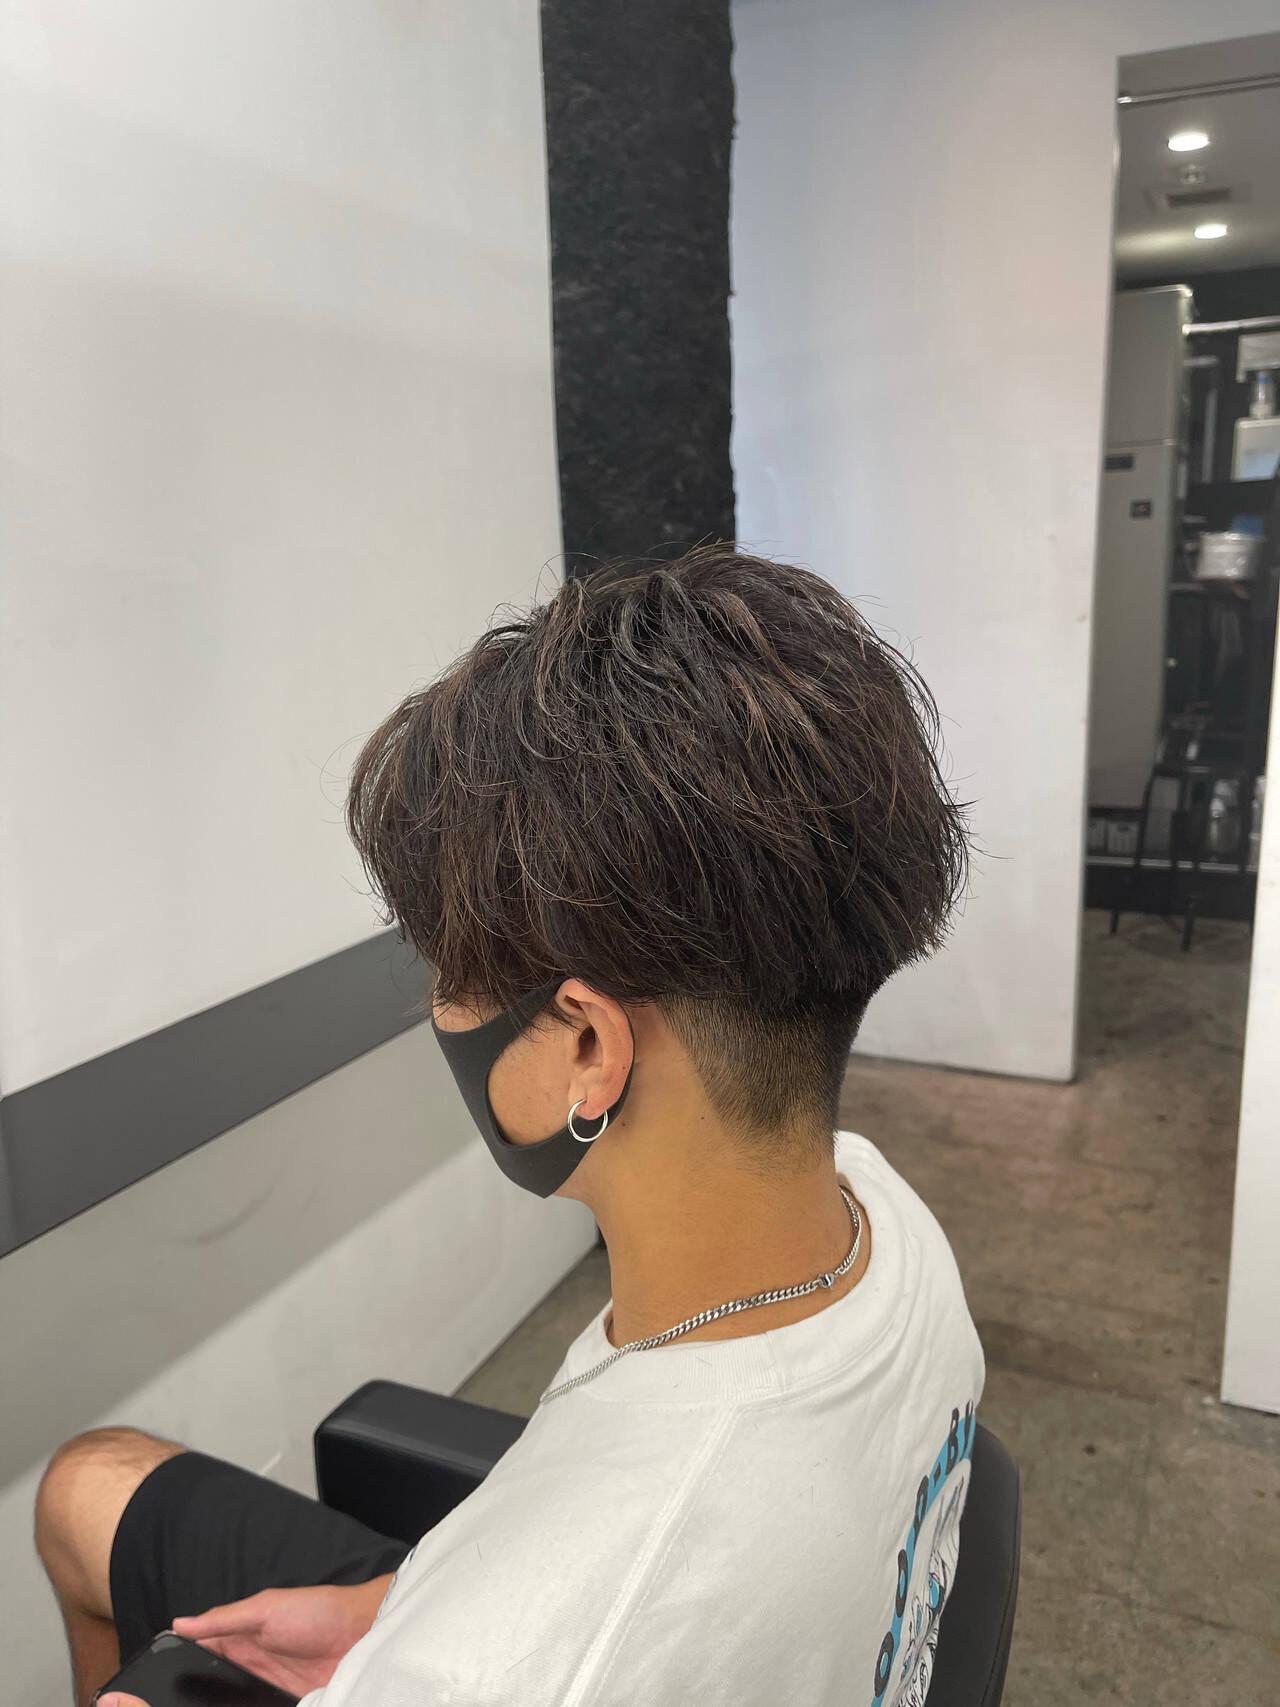 ナチュラル メンズヘア ショート パーマヘアスタイルや髪型の写真・画像